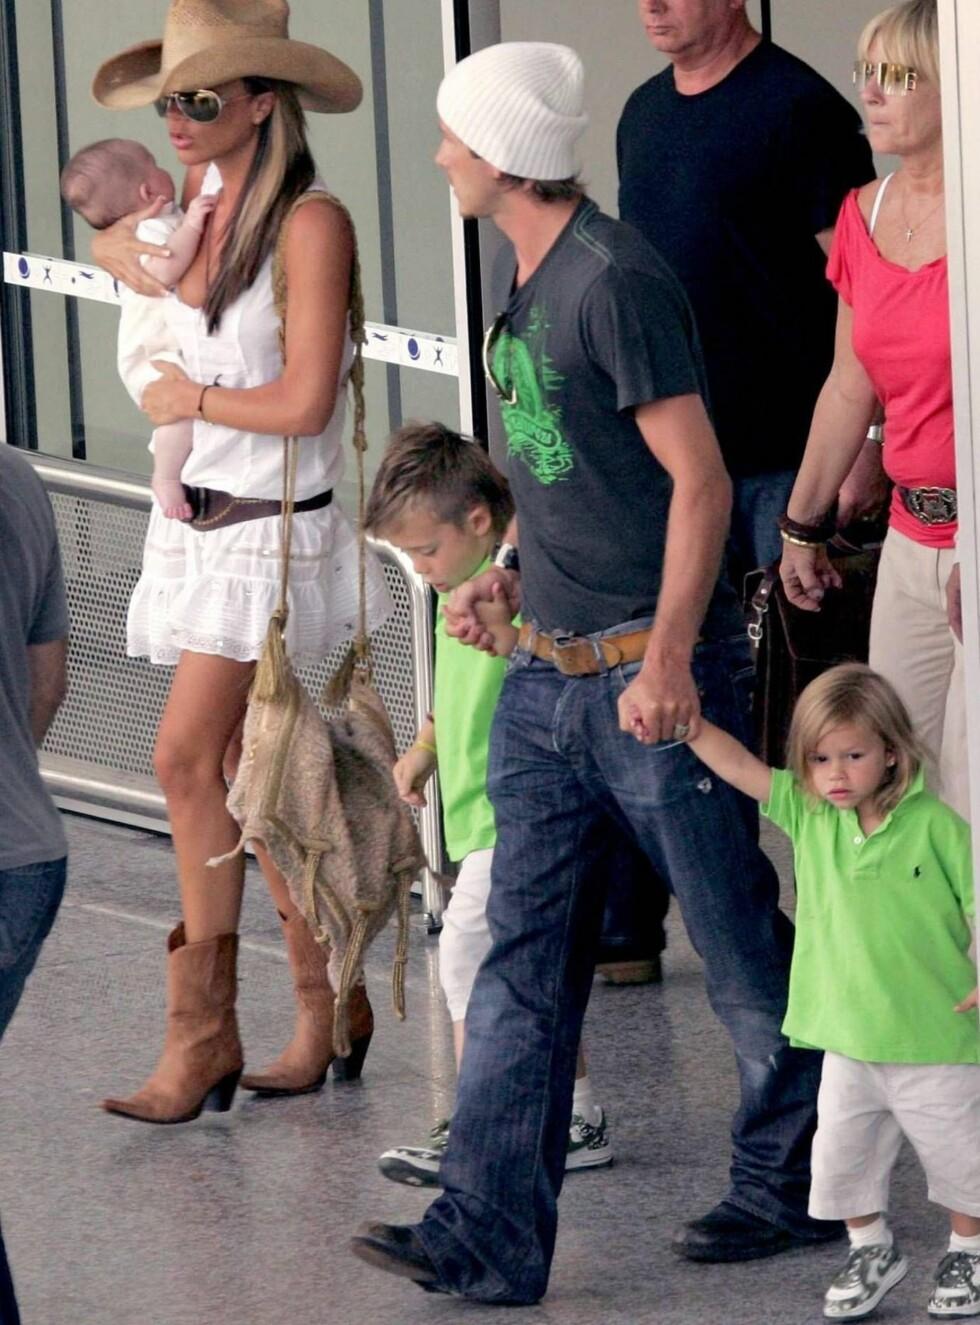 FAMILIE-UTFLUKT Victoria med vesle Cruz på armen, mens pappa David leier Brooklyn og Romeo. Foto: Stella Pictures